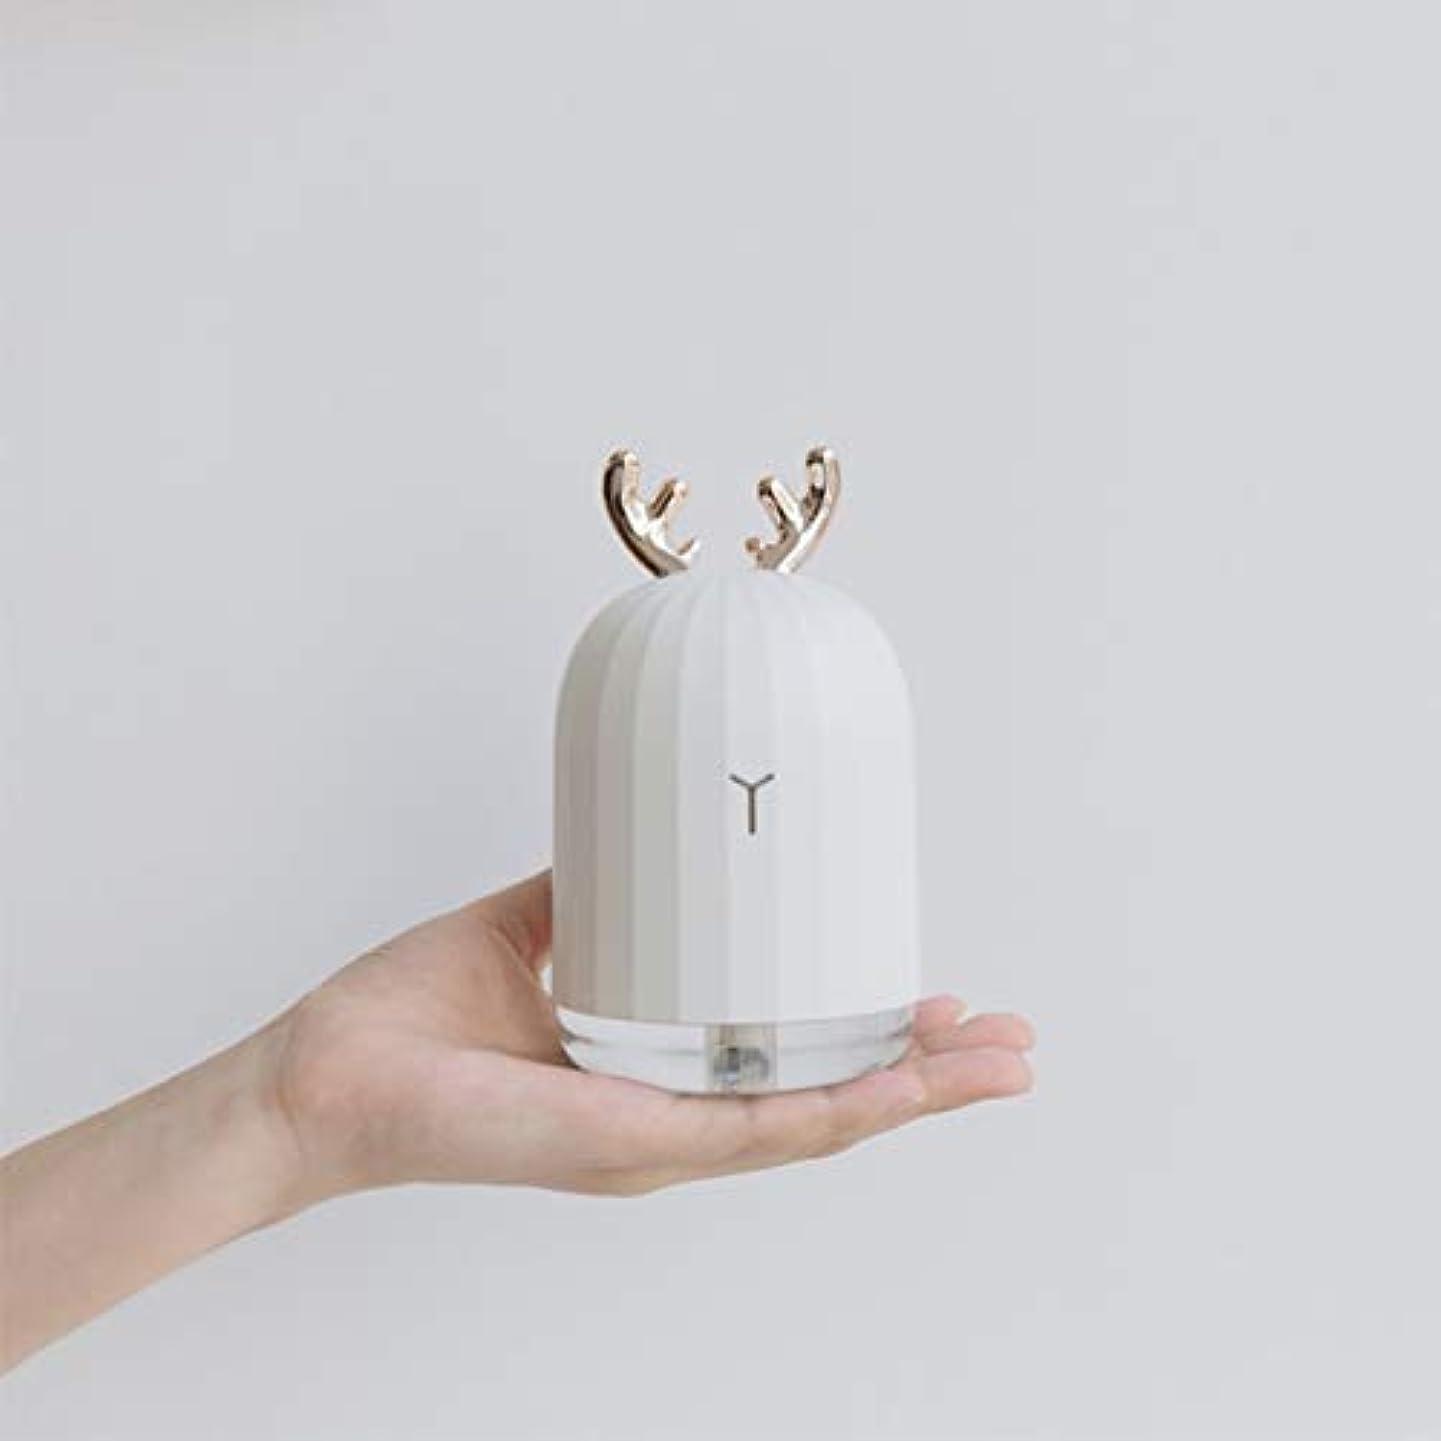 無駄だ手配する古代Saikogoods LEDナイトライトとラベンダーの空気超音波加湿エッセンシャルオイルディフューザーアトマイザーエアフレッシュナーミストメーカー 鹿